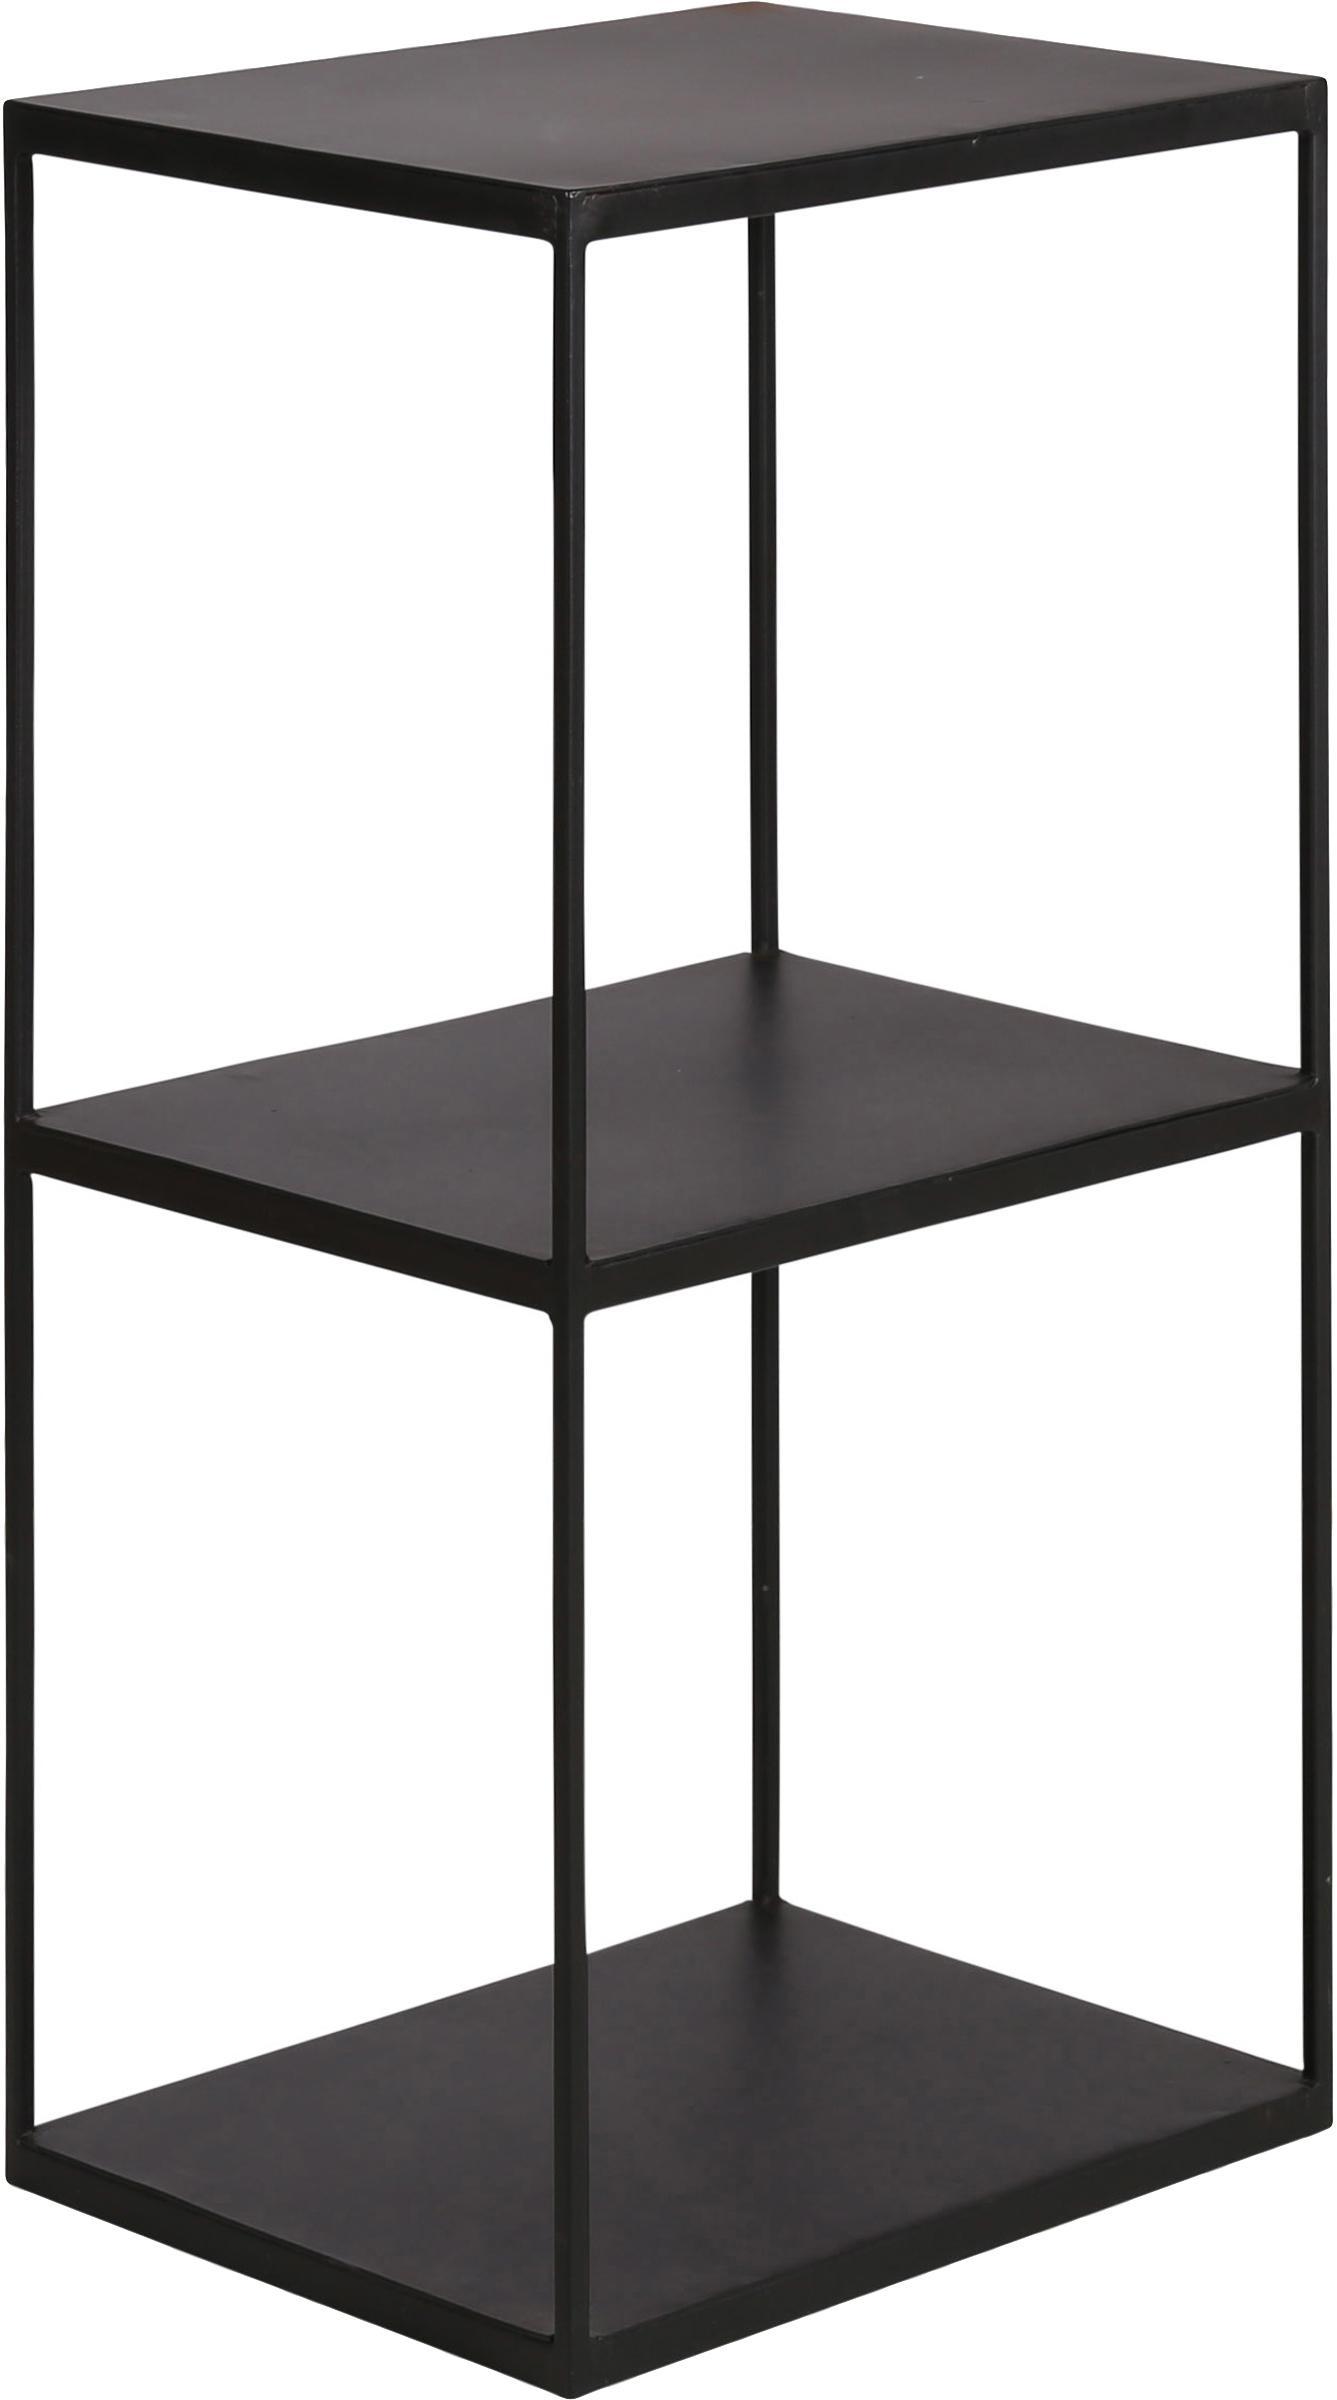 Estantería de metal Expo, Metal recubierto, Negro, An 43 x Al 86 cm